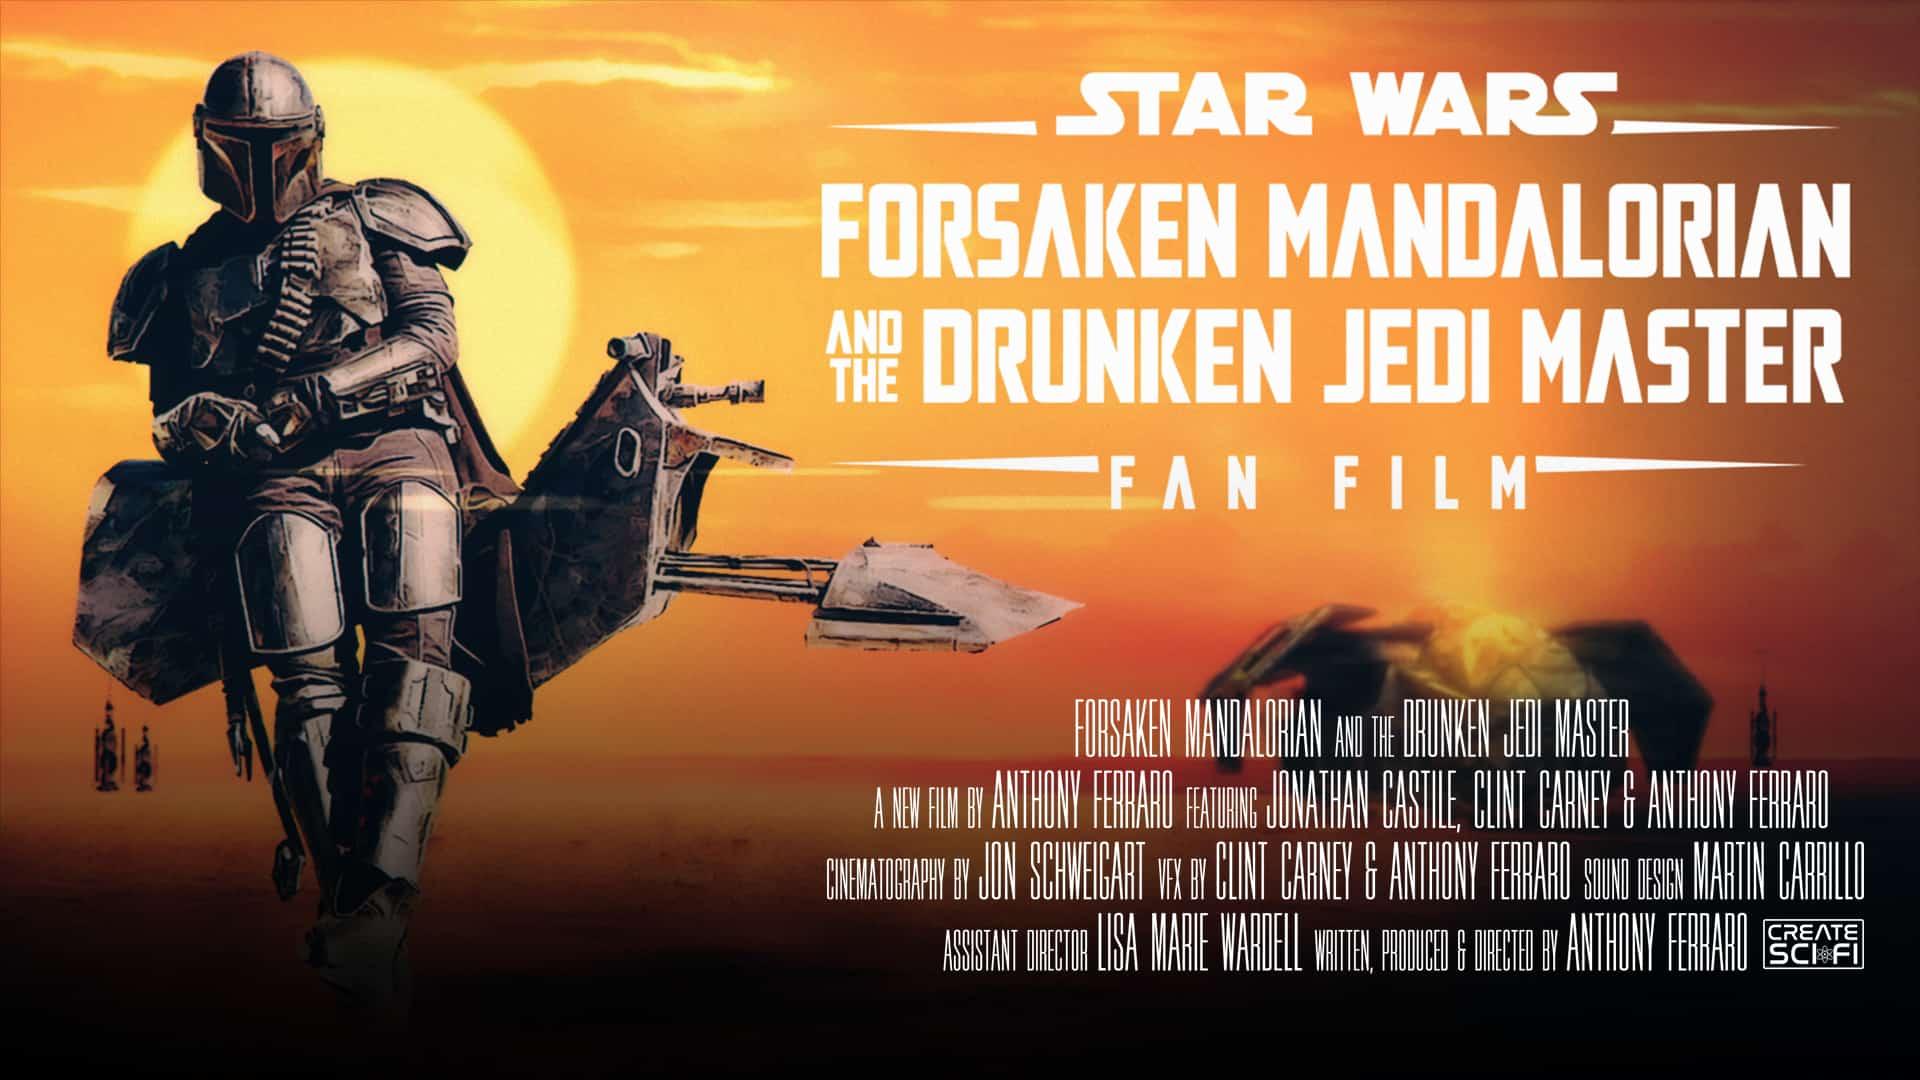 forsaken mandalorian and the drunken jedi master new clips